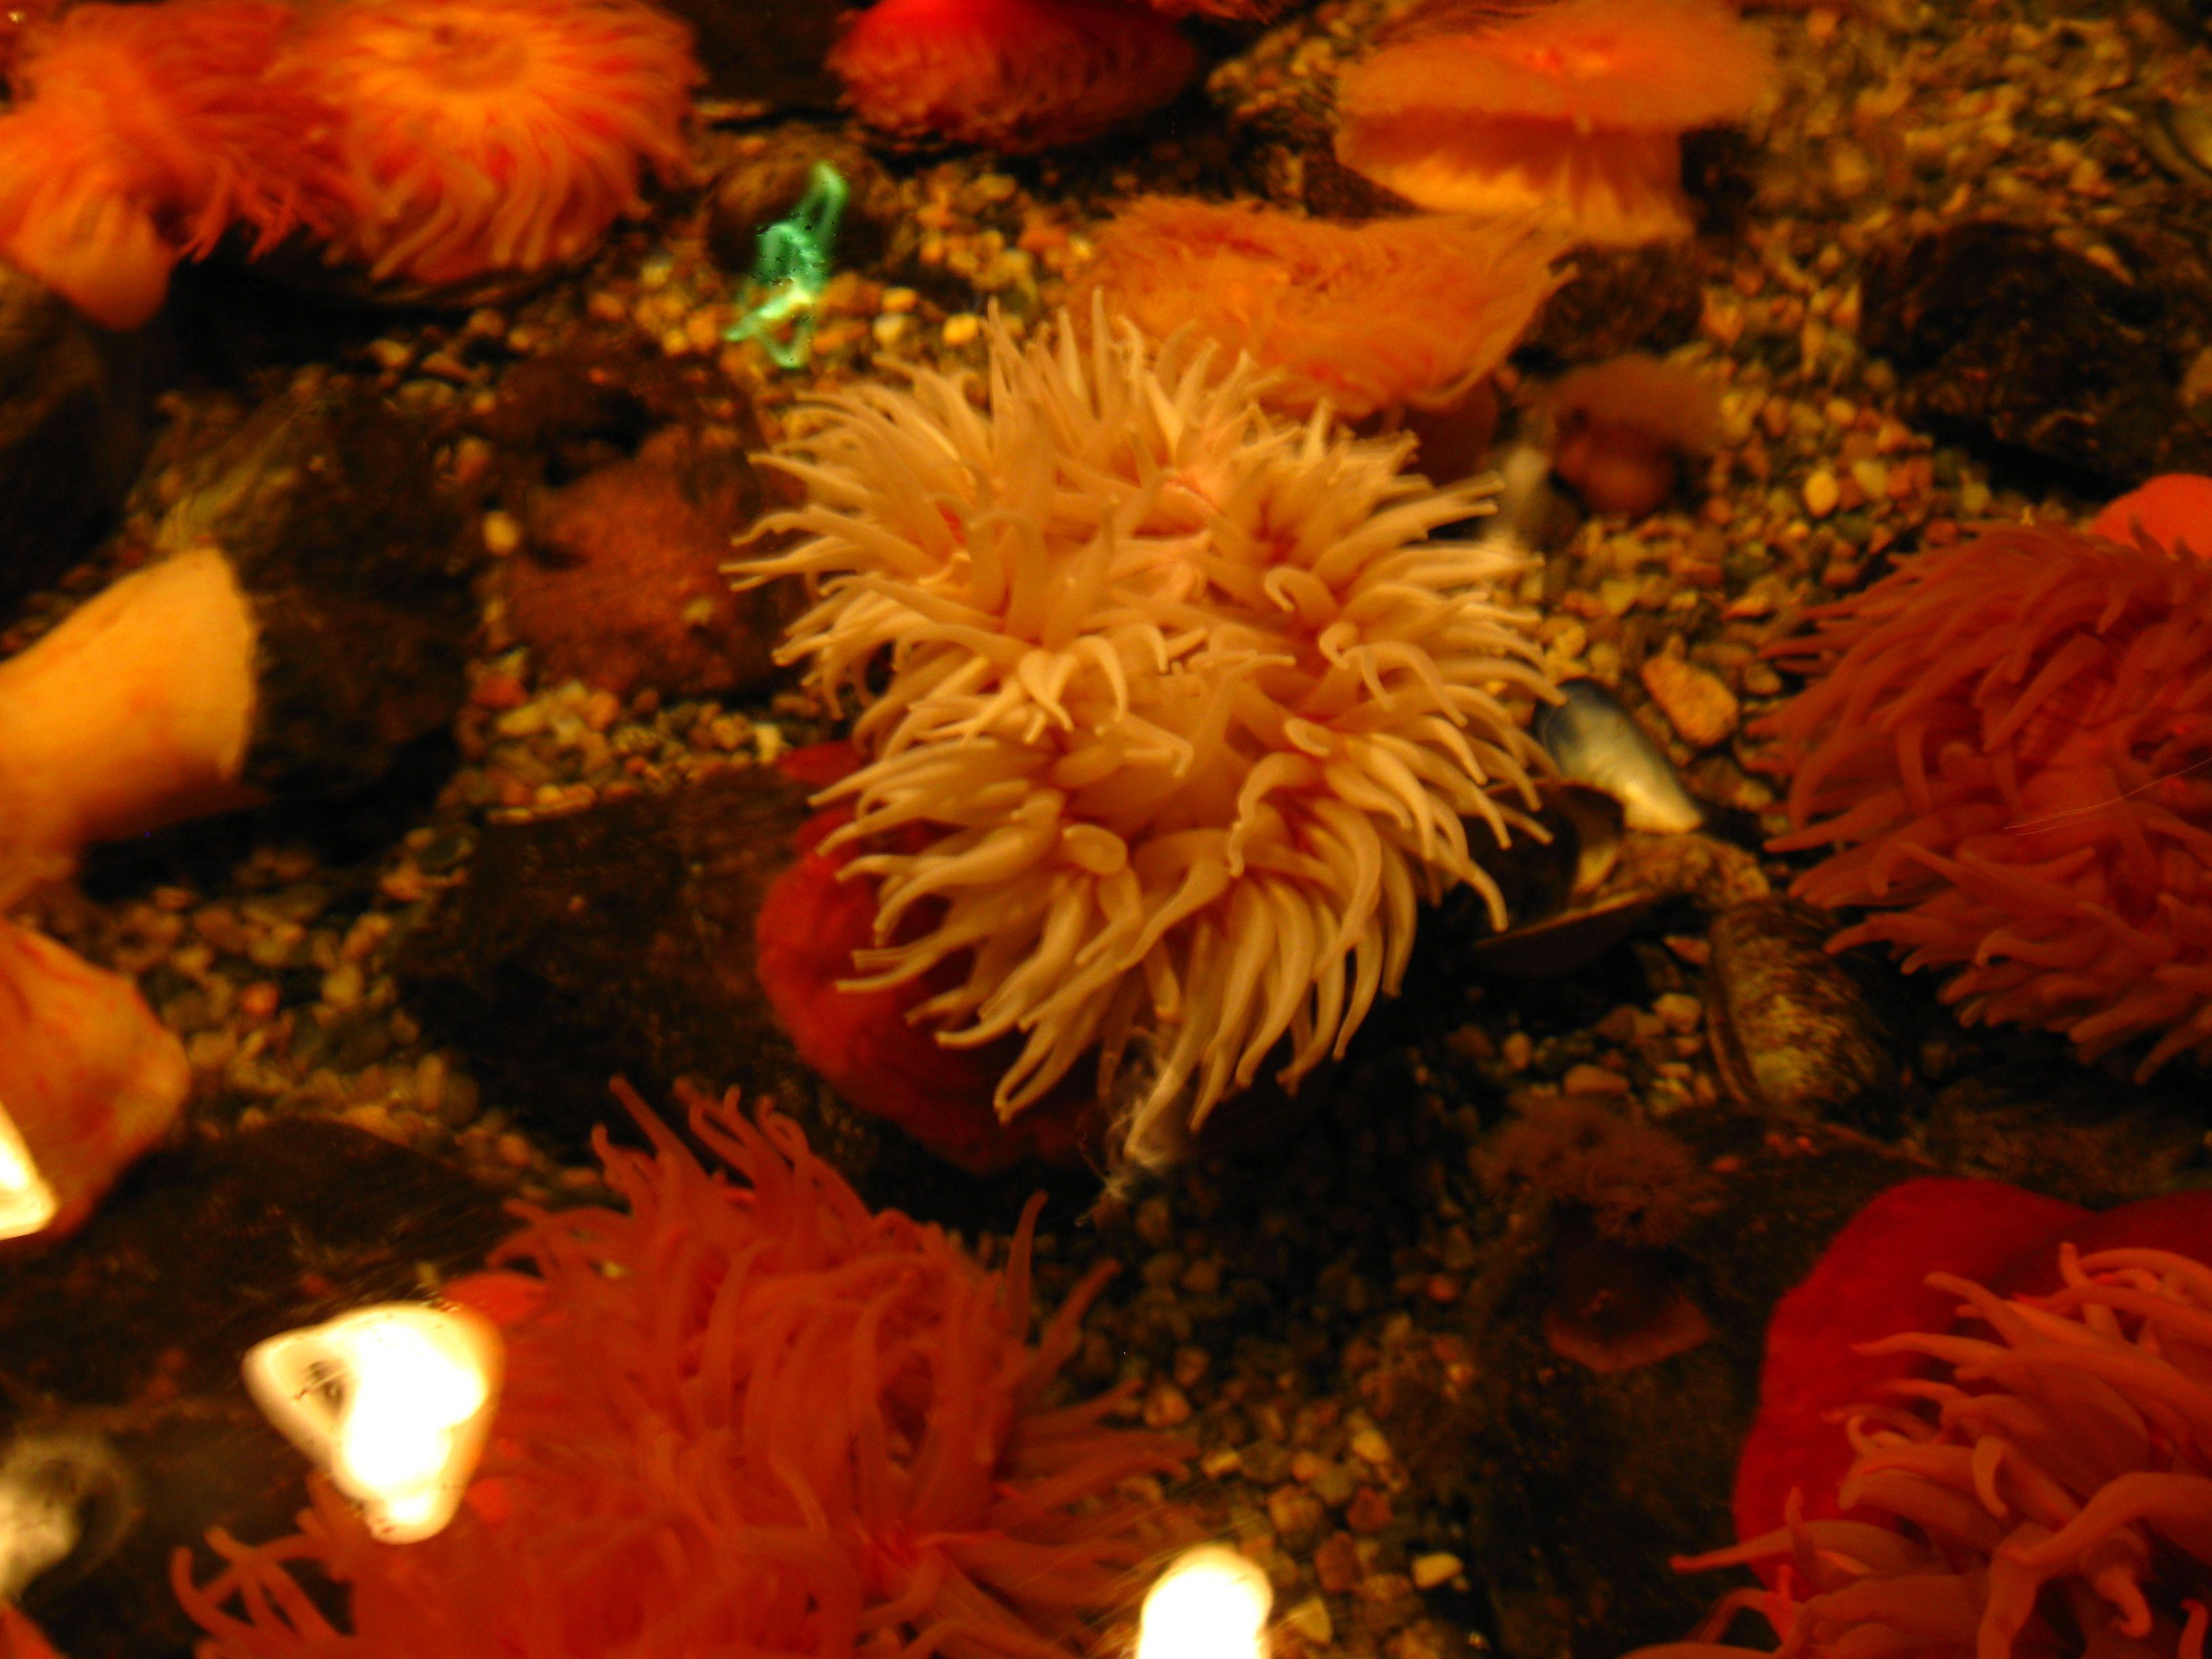 Anemone pool mystic aquarium ct nature pinterest mystic aquarium